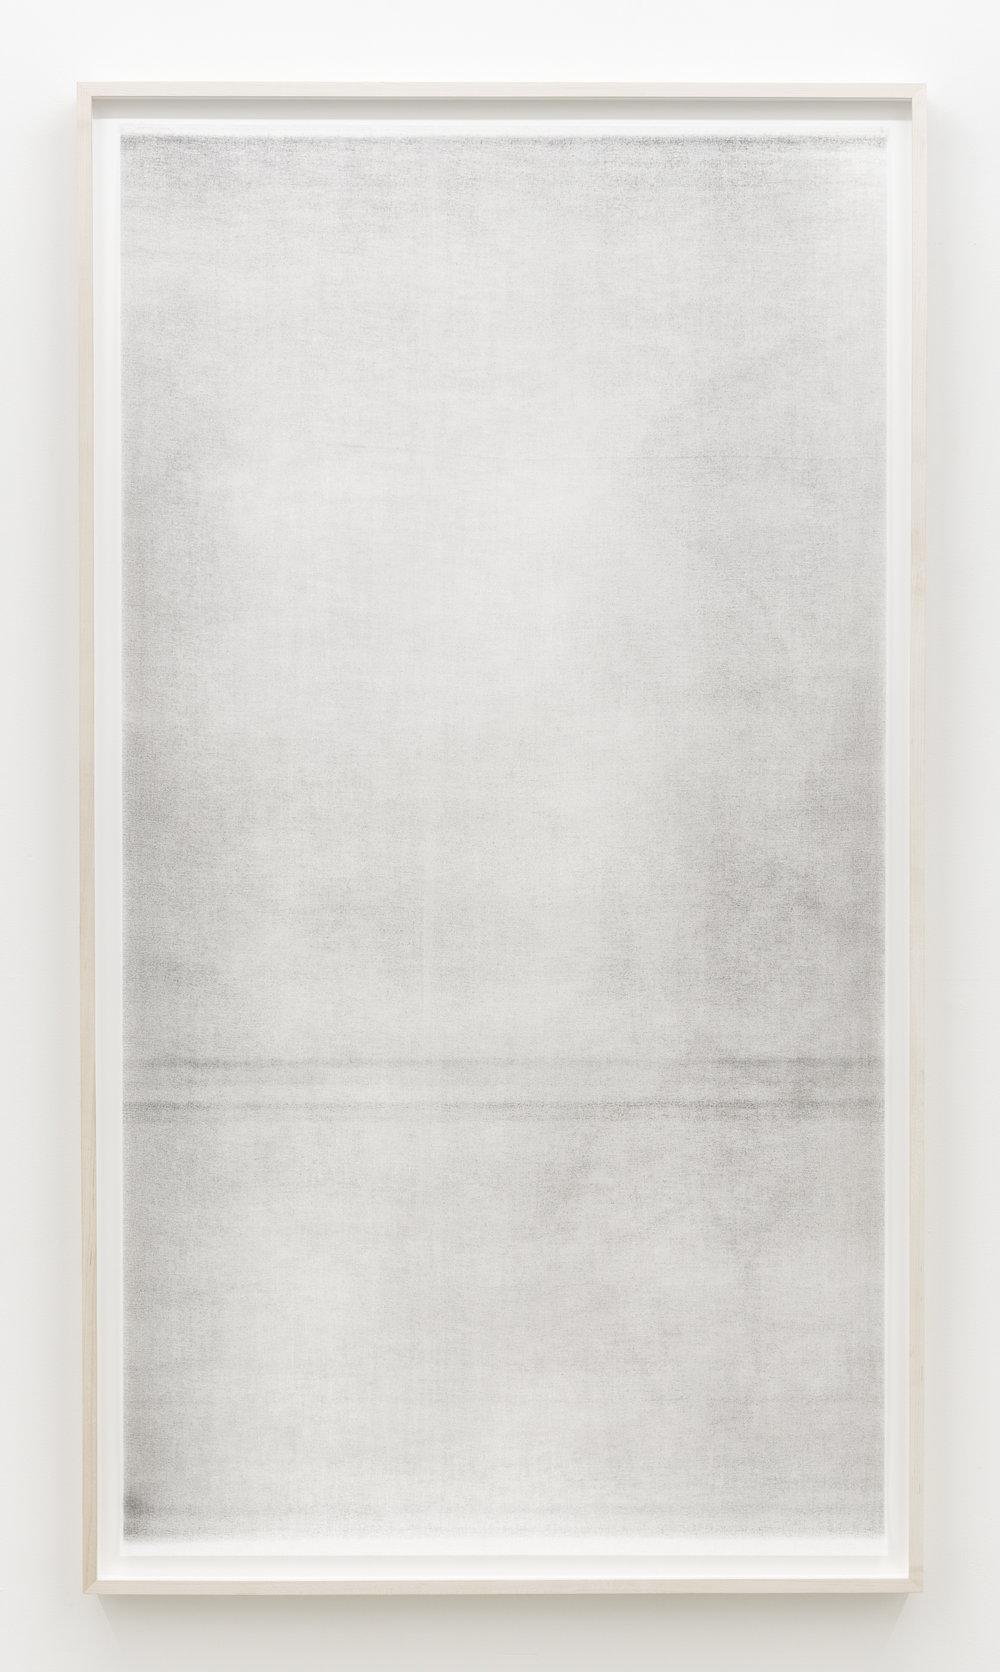 """Jim Verburg,  Sans titre (when it settles #4 from the series A Certain Silence) , 2017, huile, graphite et fusain sur tarlatan, 150 x 89 cm (59"""" x 35"""")"""